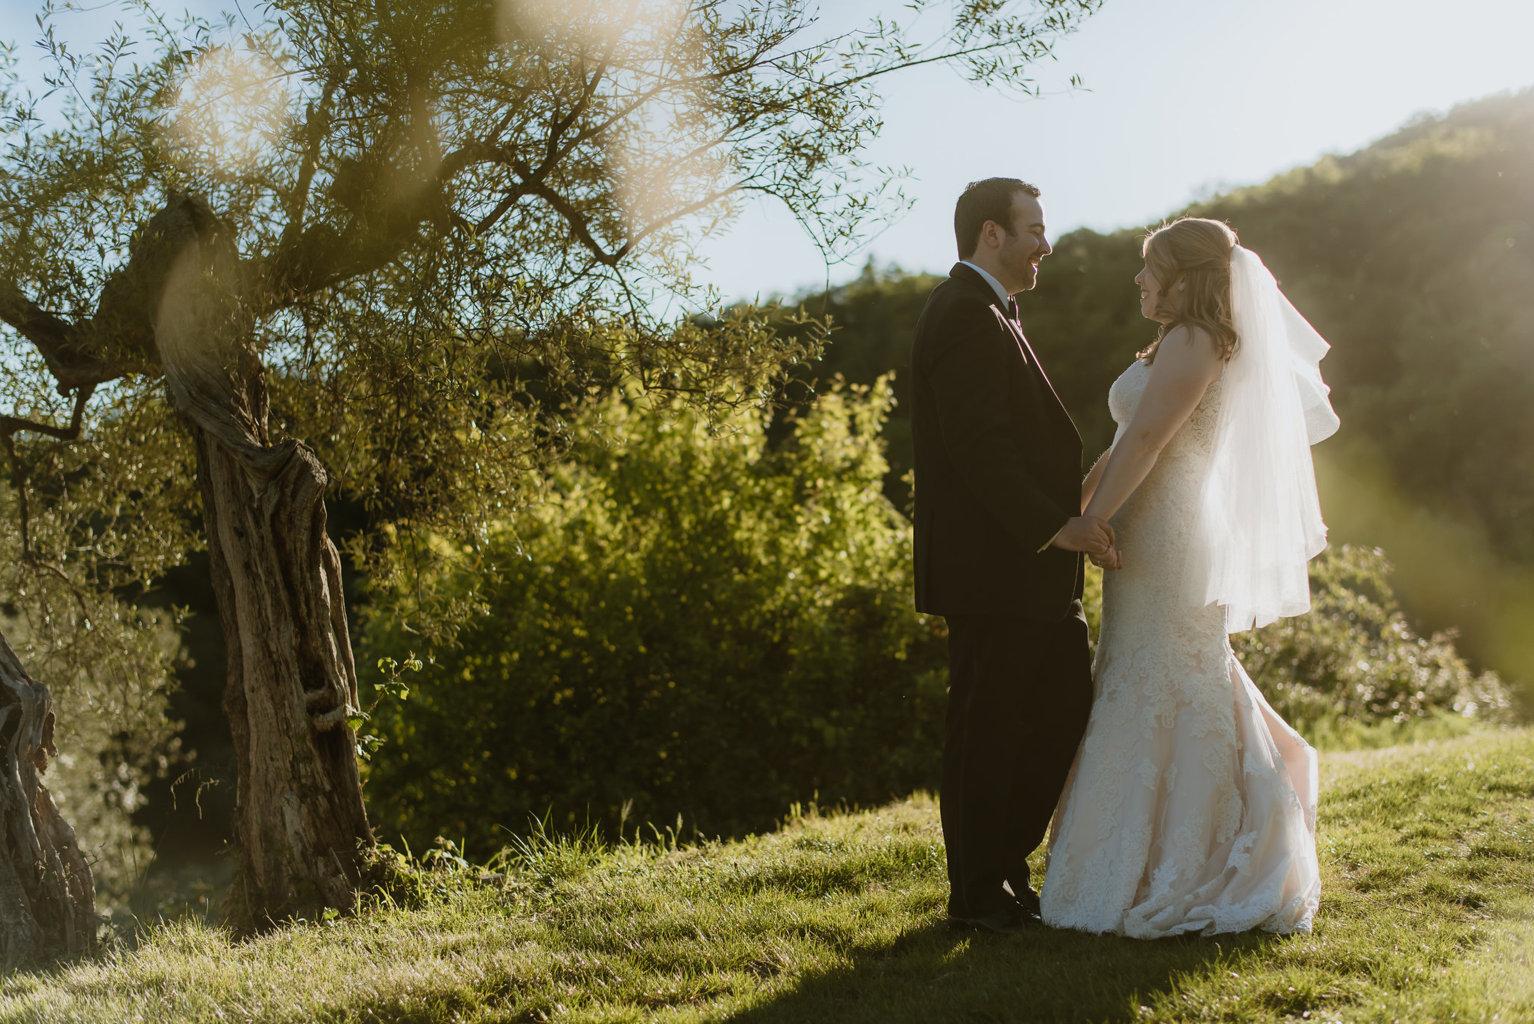 Matrimonio in Umbria - Wedding in Umbria 4